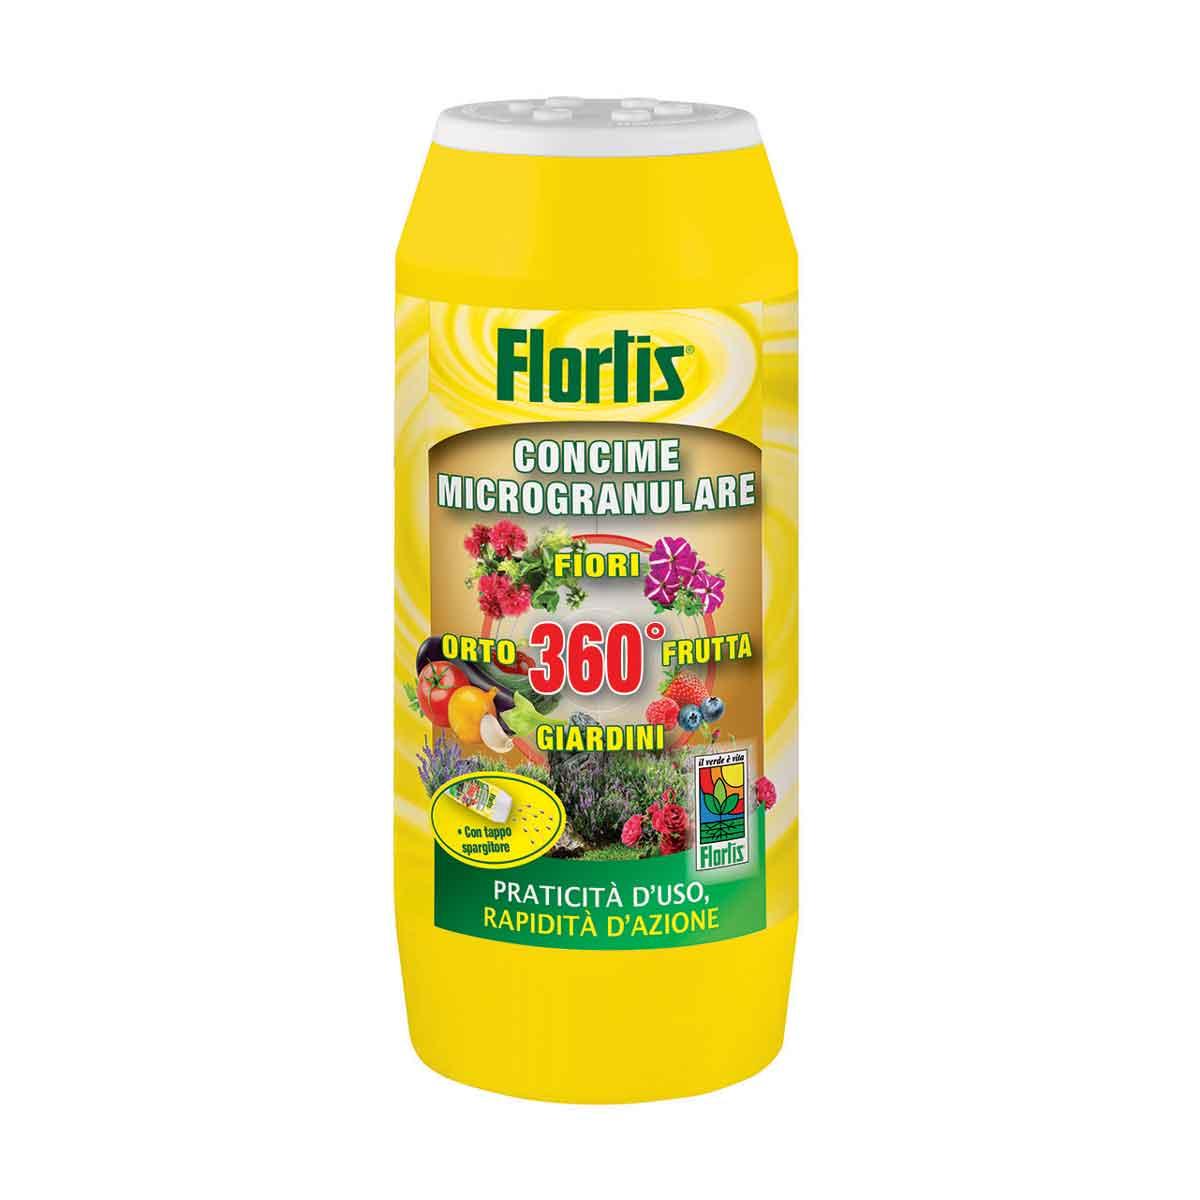 Flortis Concime Fiori, Orto, Frutta Microgranulare